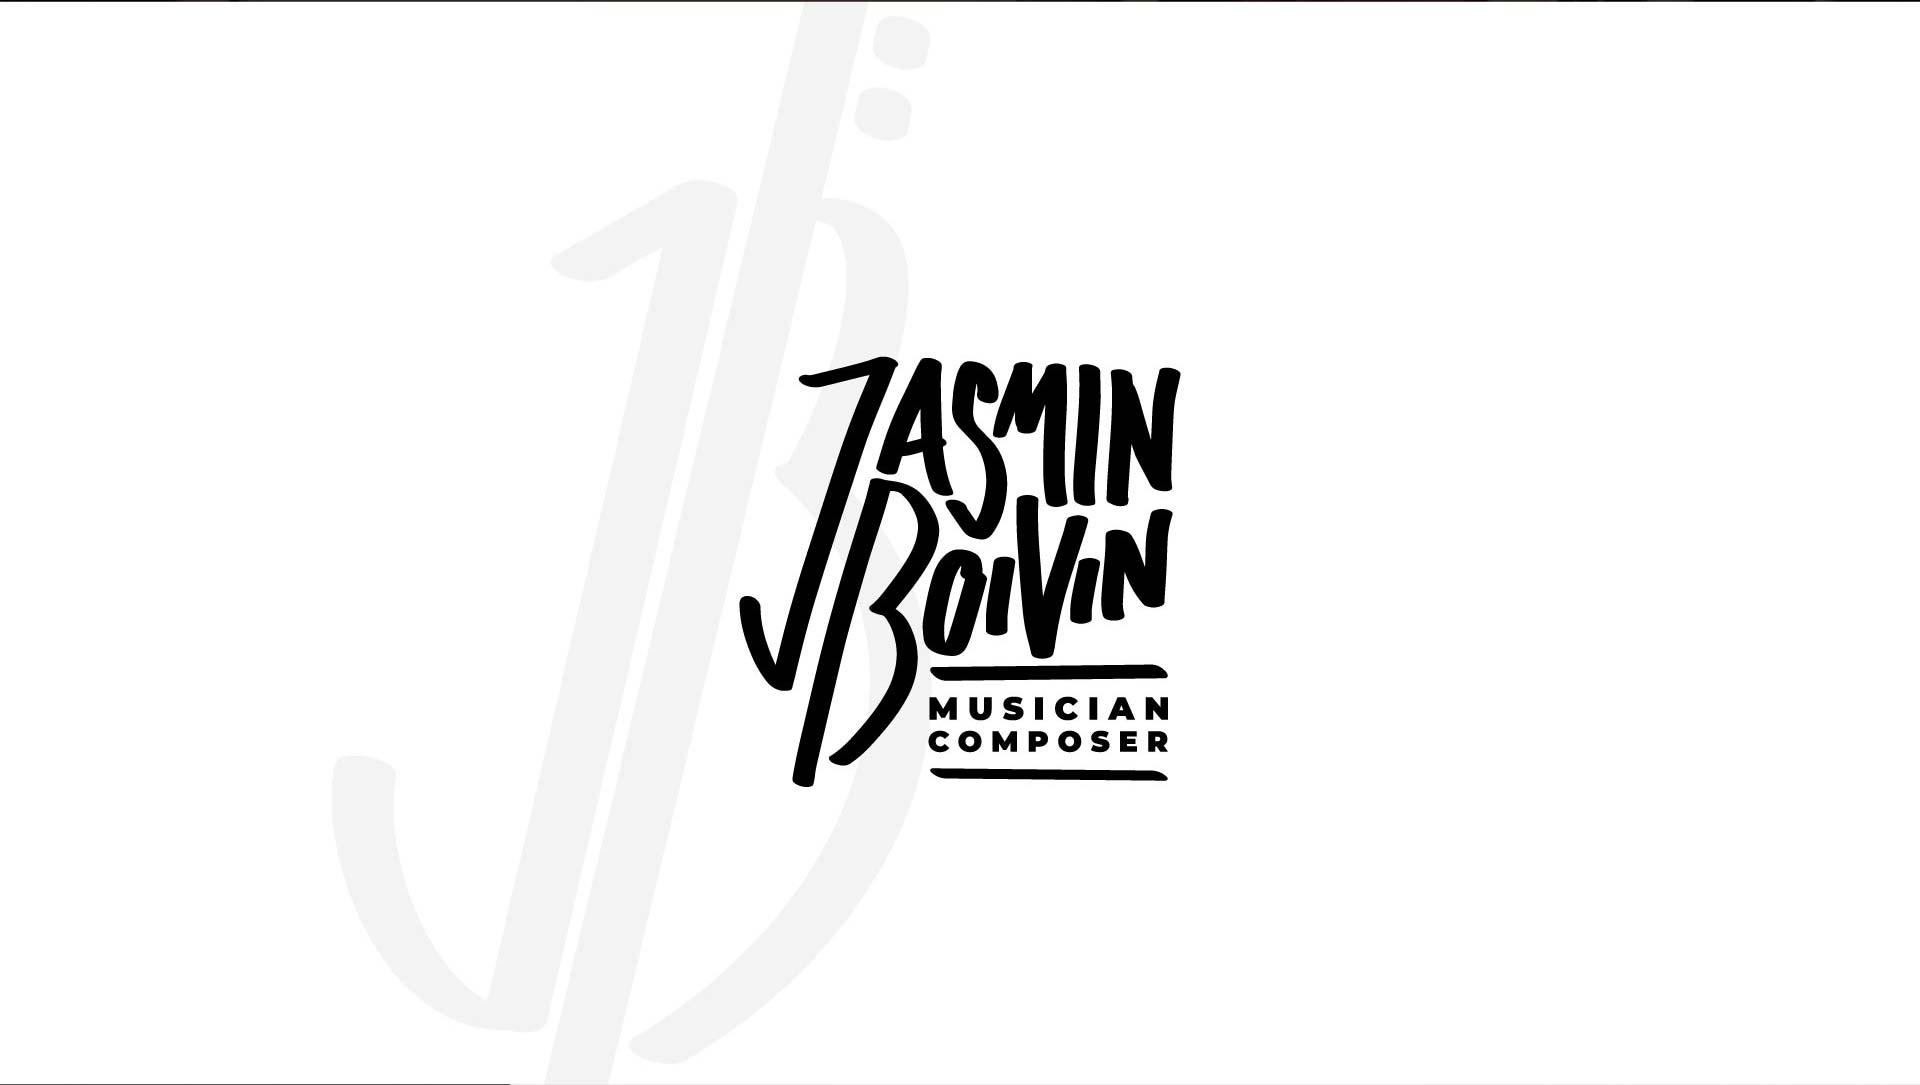 Jasmin Boivin